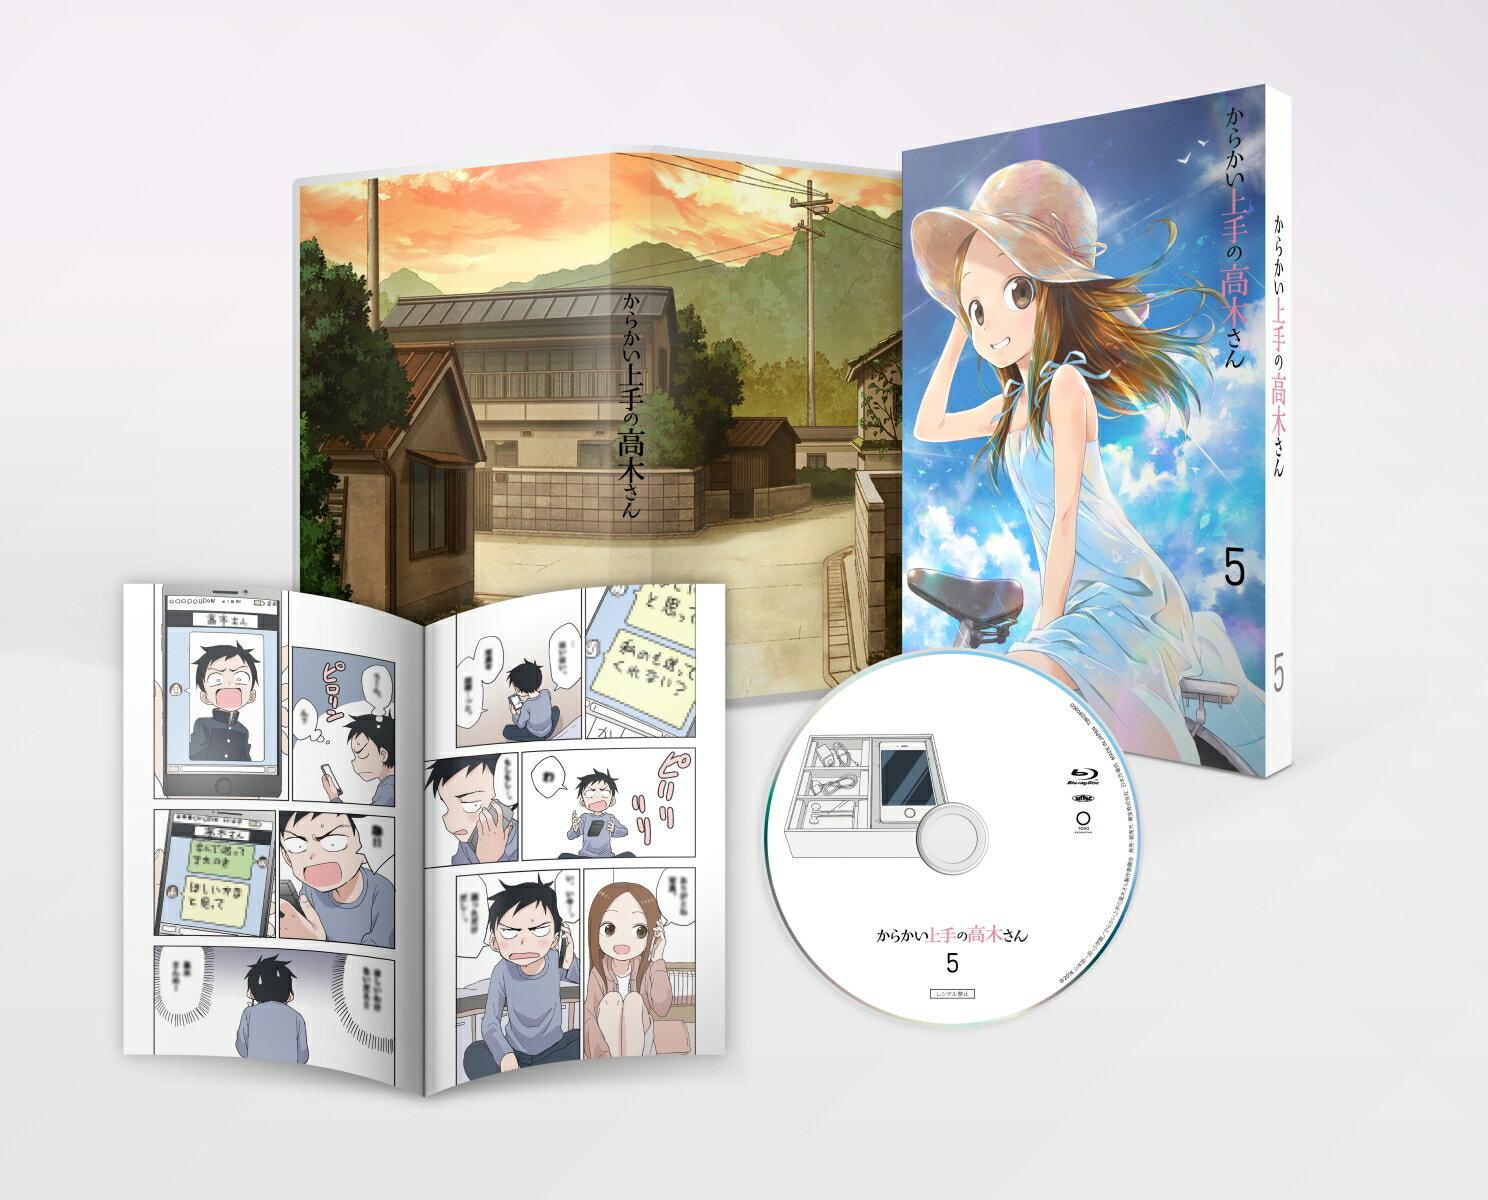 からかい上手の高木さん Vol.5【Blu-ray】 [ 高橋李依 ]